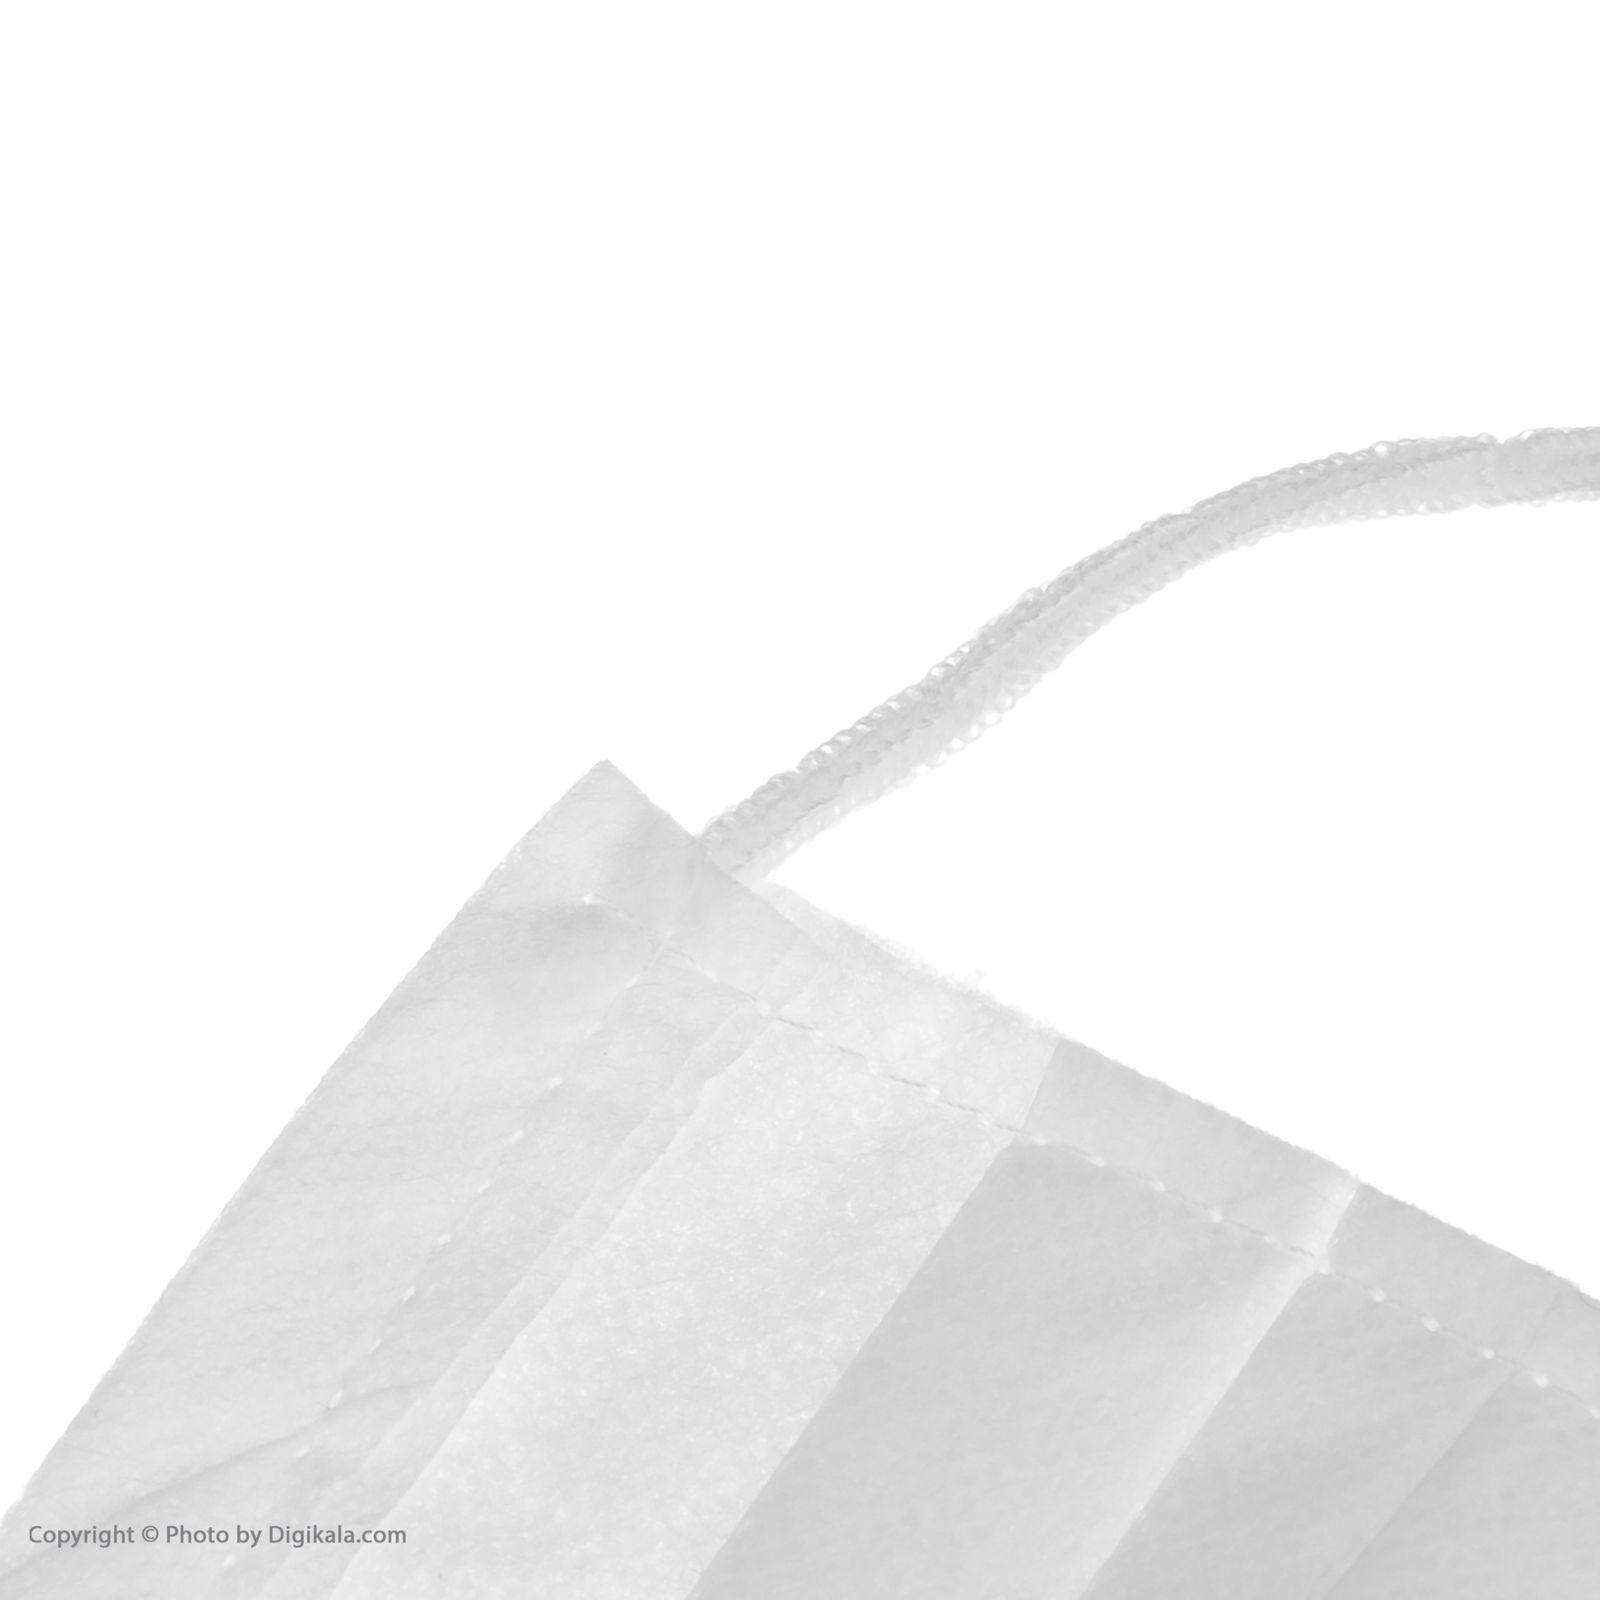 ماسک تنفسی مدل M03 بسته 50 عددی main 1 5